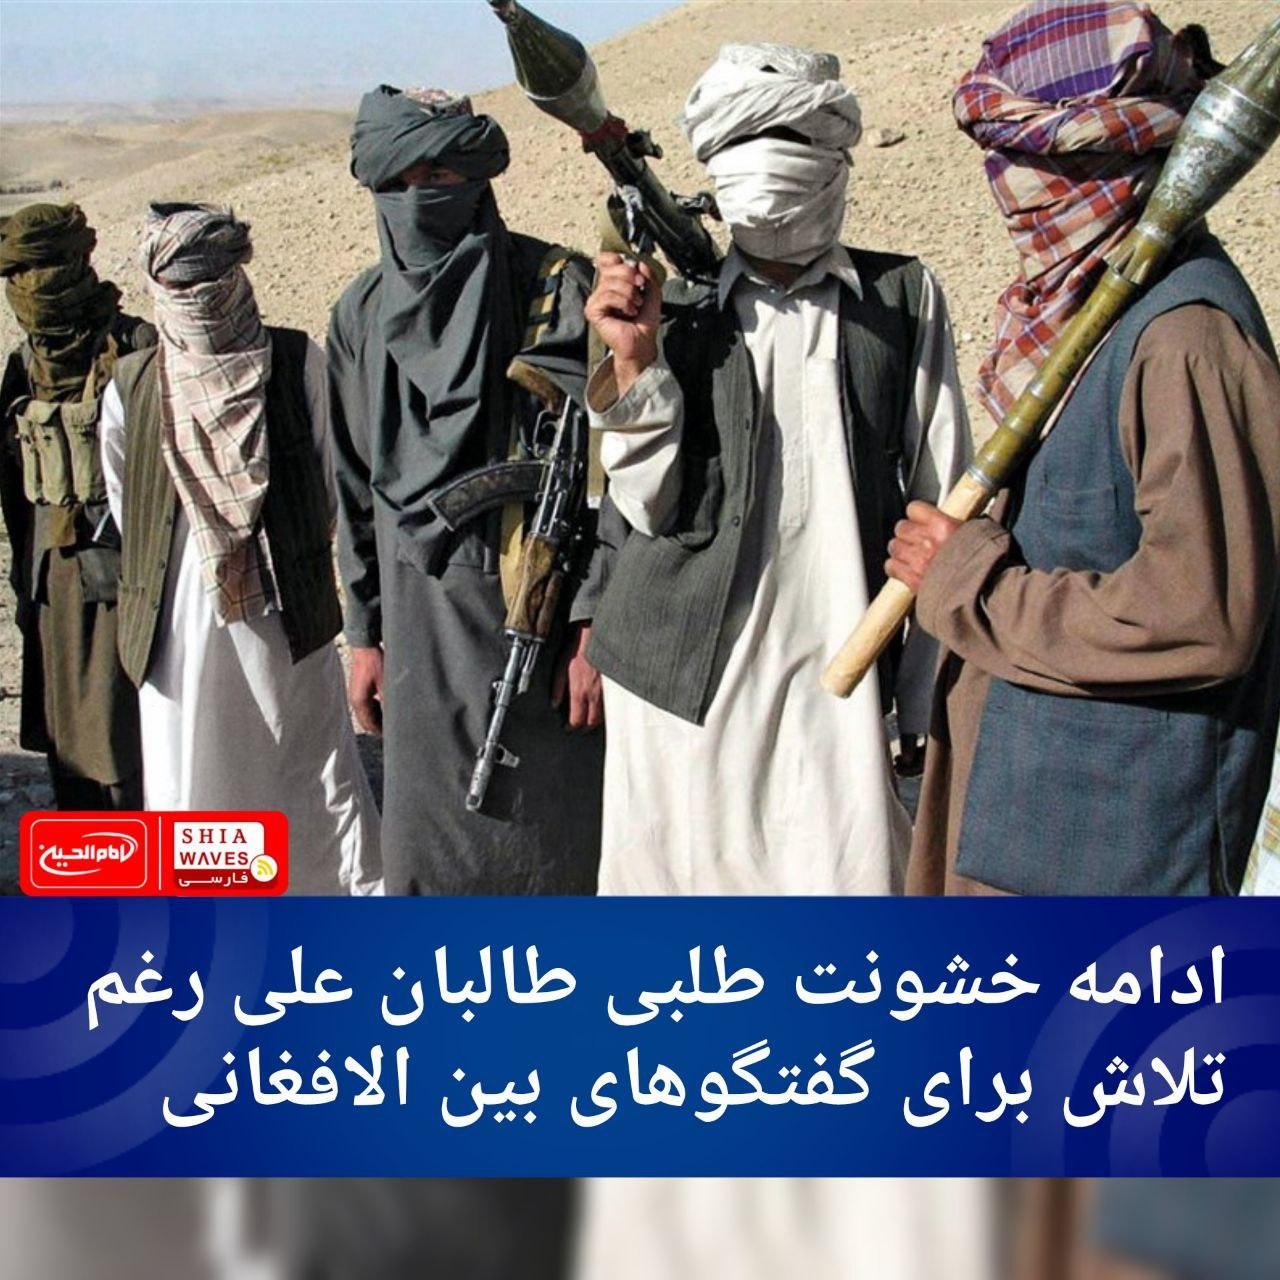 تصویر ادامه خشونت طلبی طالبان علی رغم تلاش برای گفتگوهای بین الافغانی